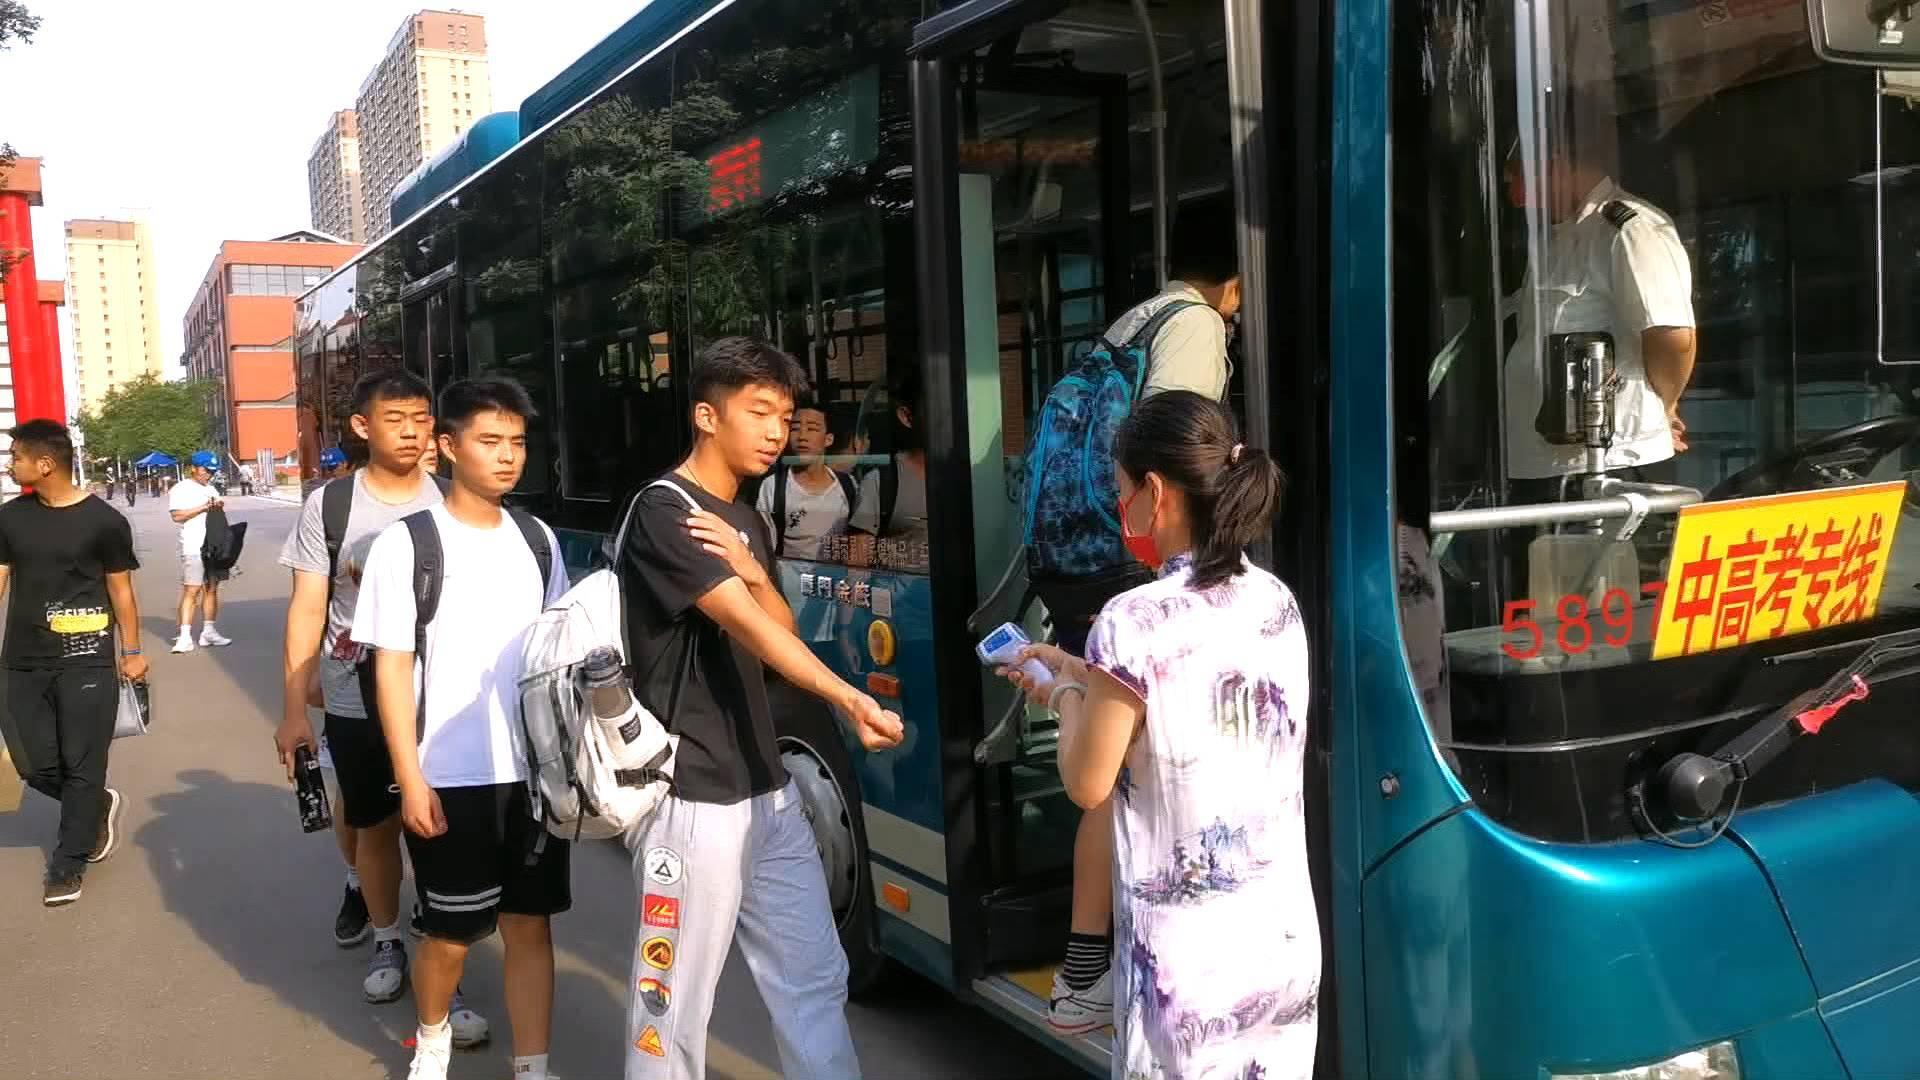 直通山东高考|高考公交专车司机张磊:护送25名航空班考生 我比他们还紧张